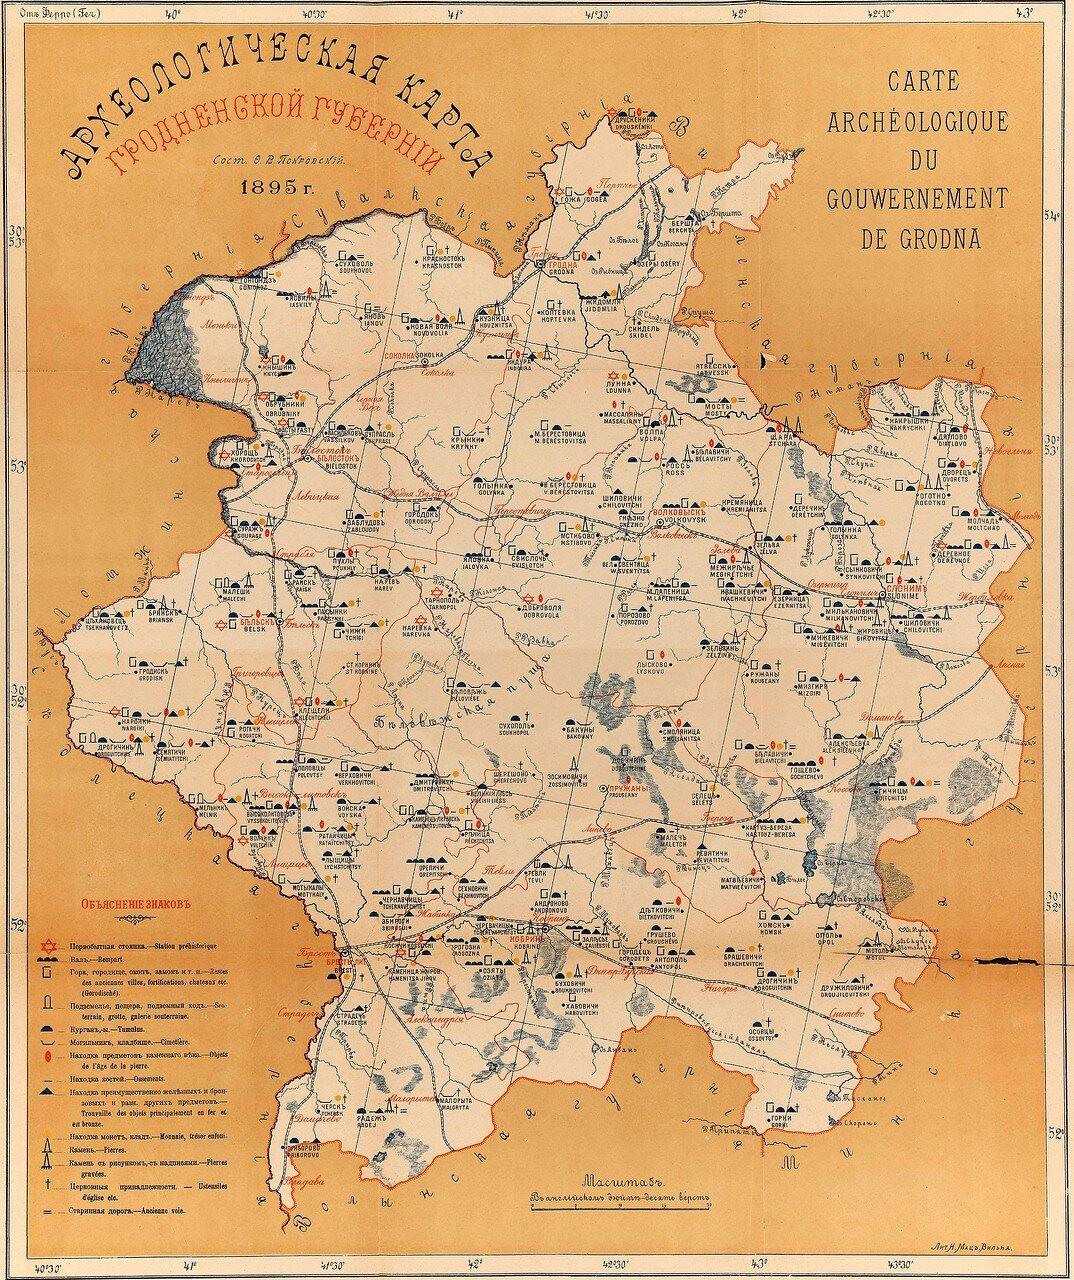 Археологическая карта Гродненской губернии, составленная Ф. В. Покровским в 1895 году